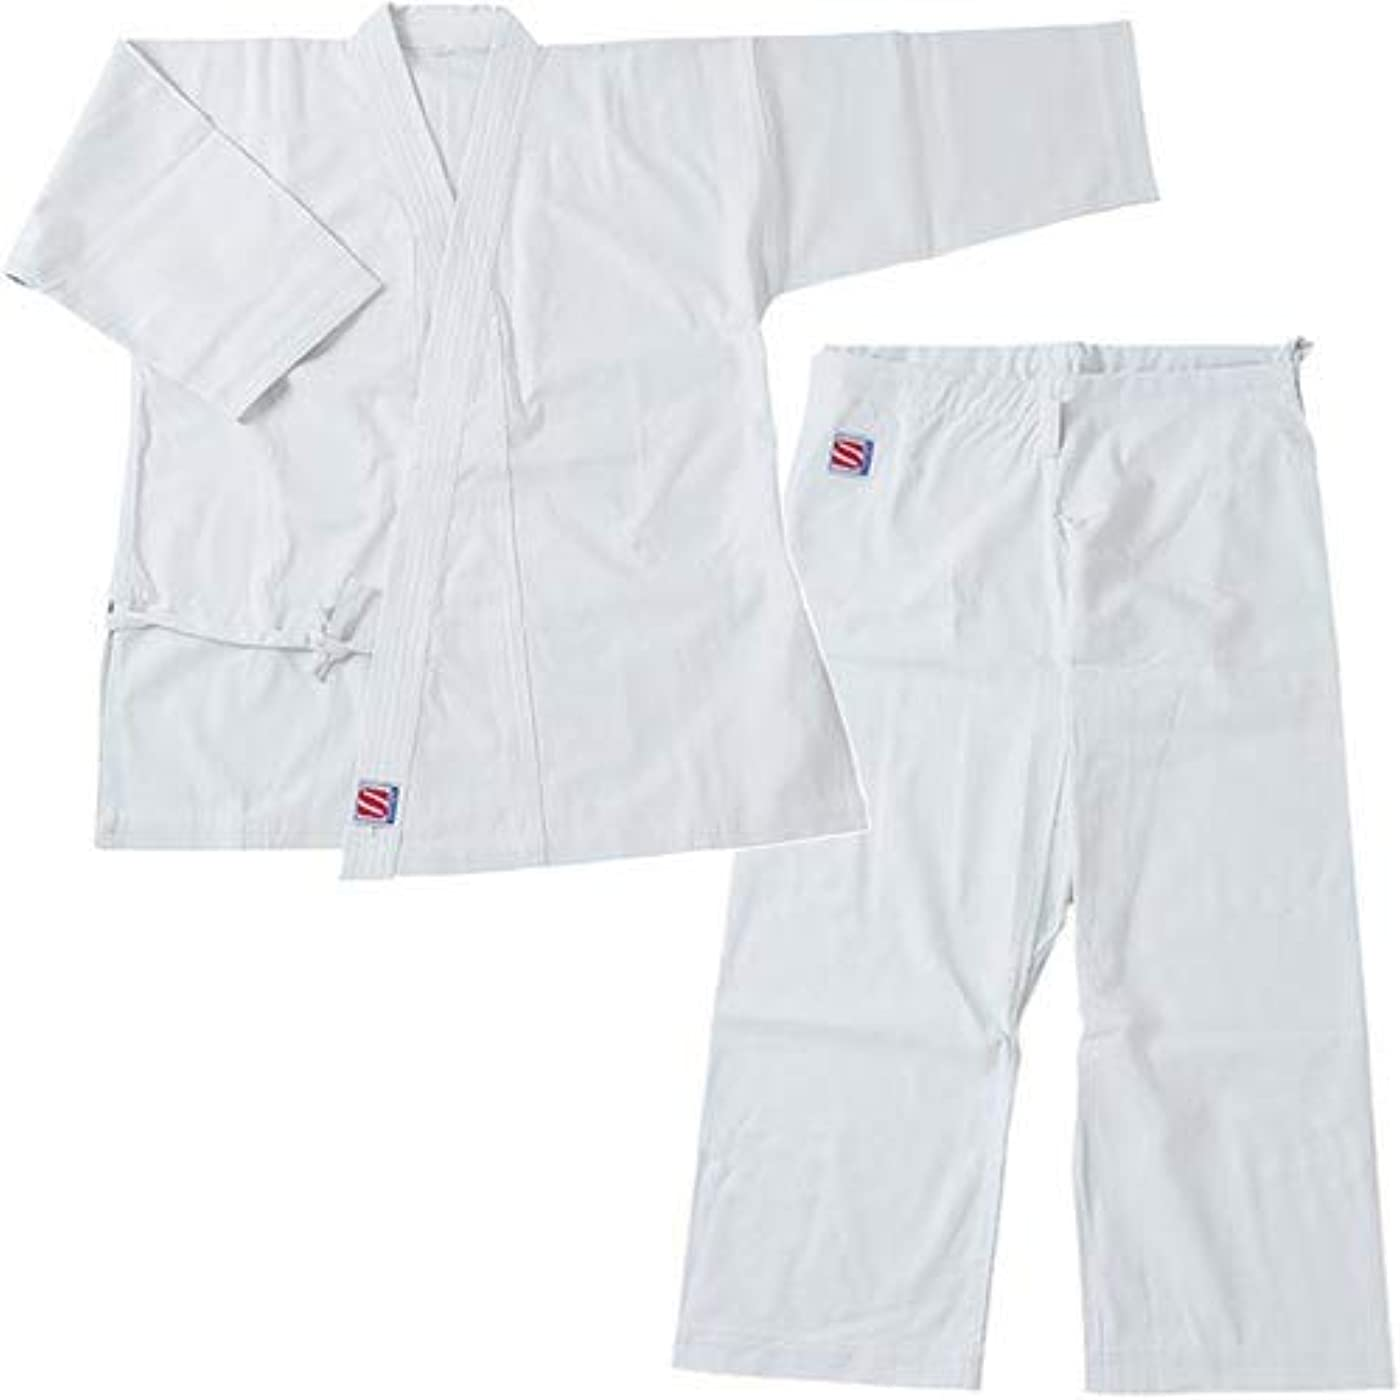 対立禁止ライド九桜 空手 晒太綾 空手衣 S-2 号サイズ ( 上下セット ) R2NS2